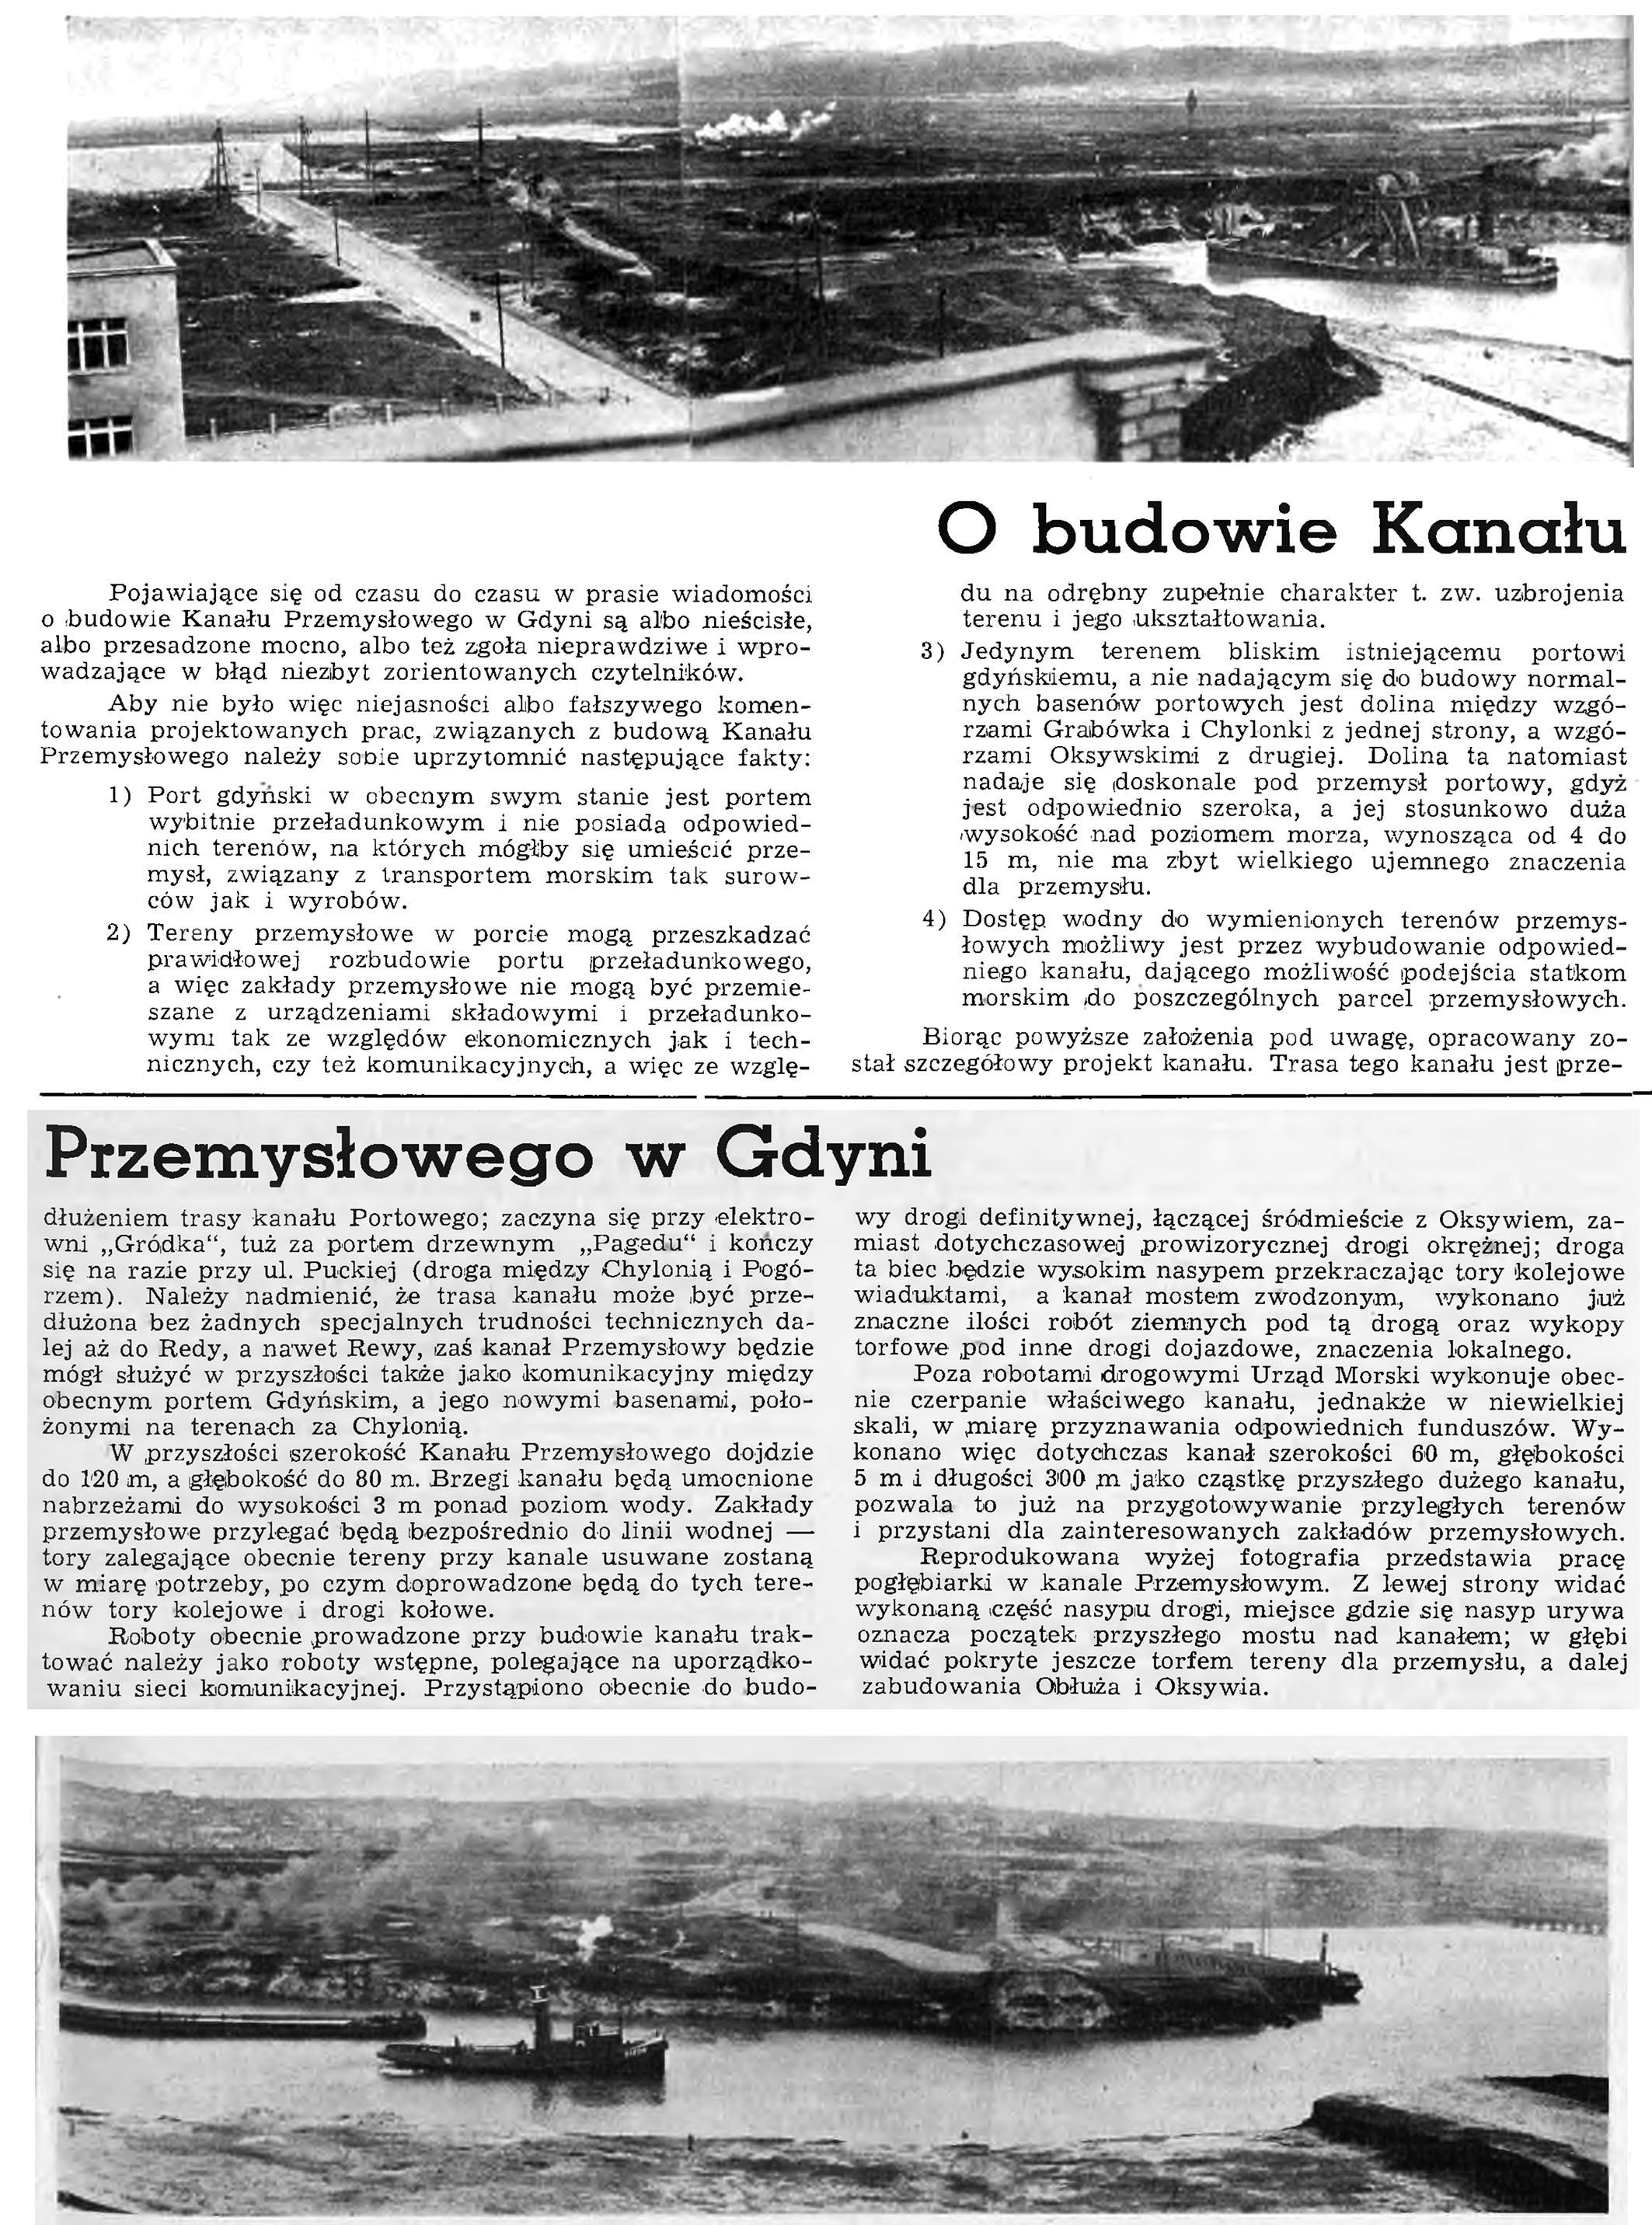 O budowie Kanału Przemysłowego w Gdyni // Wiadomości Portowe. - 1939, nr 3, s. 16-17. - Il.